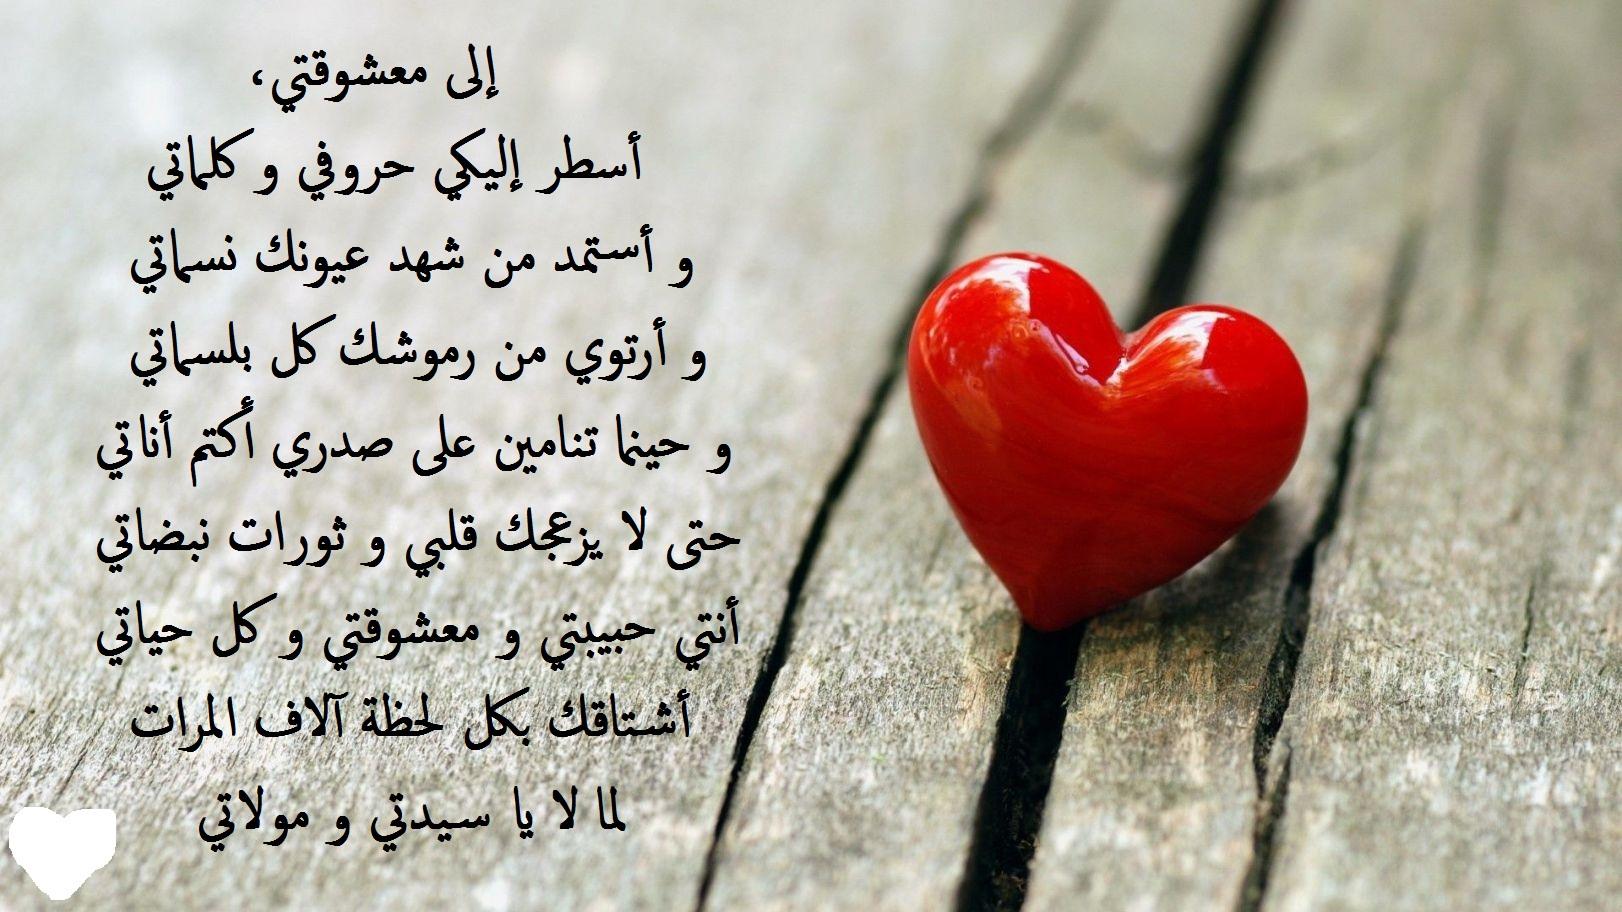 خواطر حب للحبيب , حكم وأمثال في الحب من أجمل ما قاله الفلاسفة